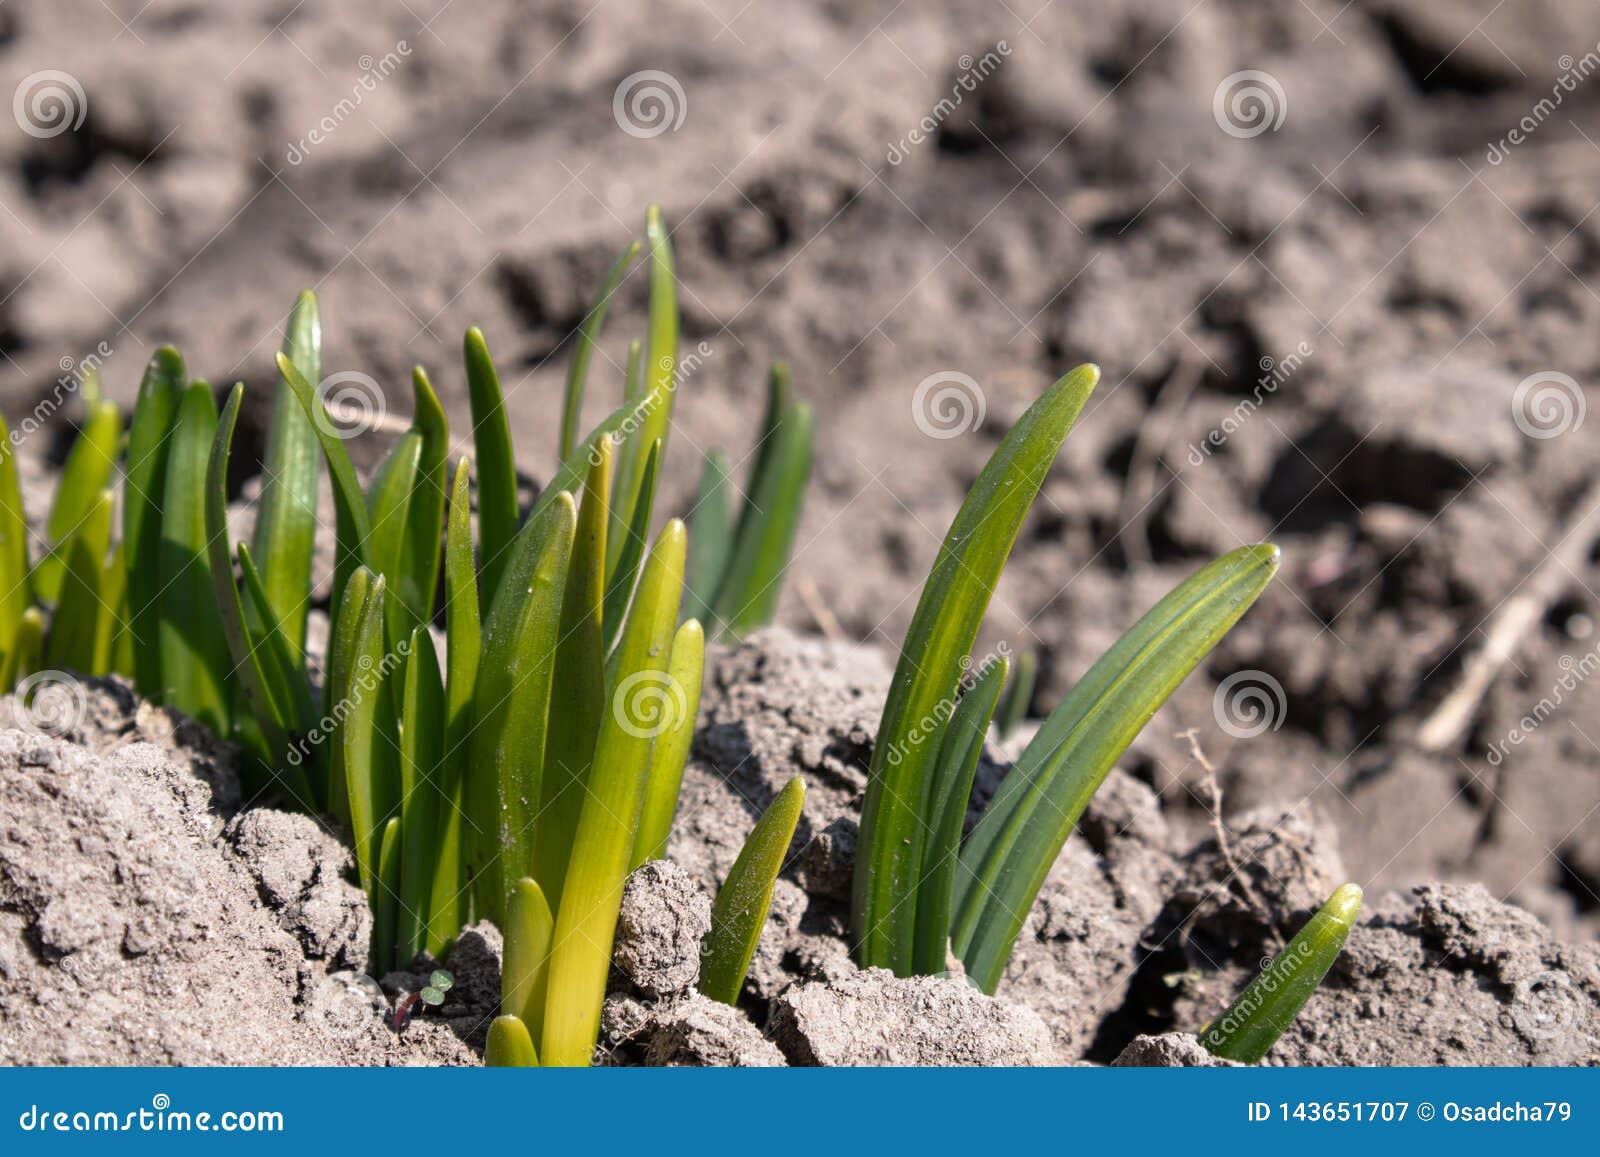 Les racines des fleurs germent avec zamly Les fleurs se développent au printemps